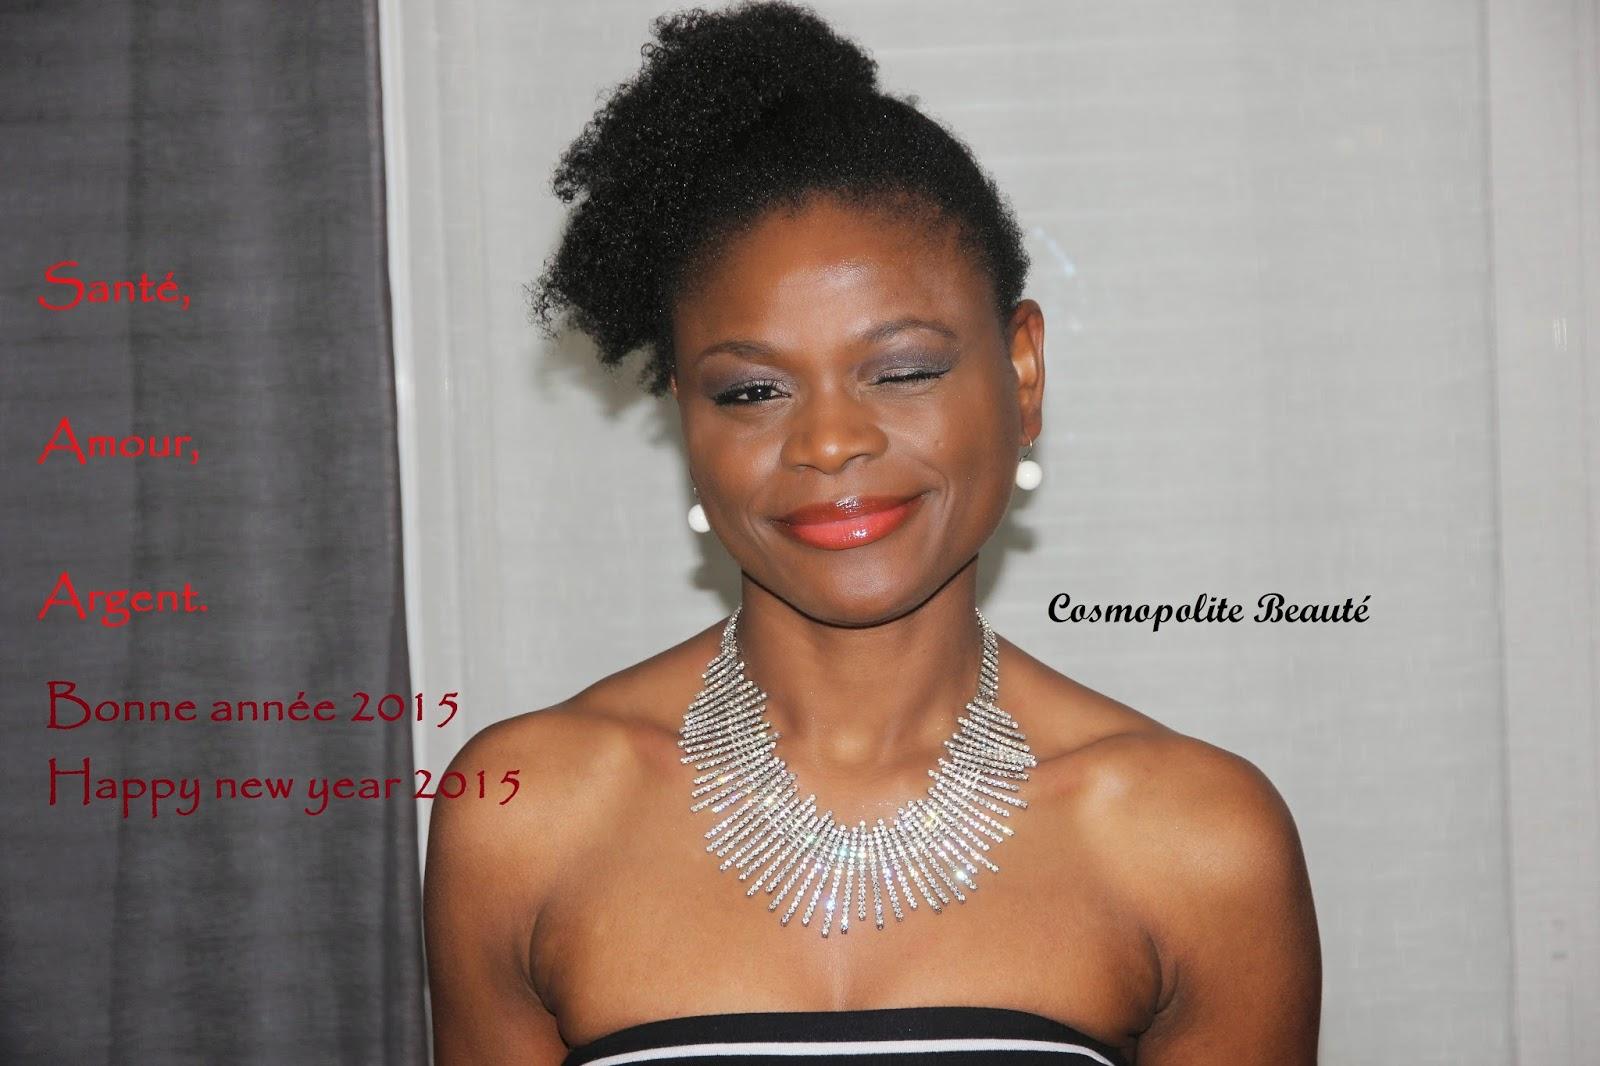 Cosmopolite beauté, happy new year, bonne année,2015,  blogueuse beauté, blog beauté, beauty blog, blog mode, fashion blog